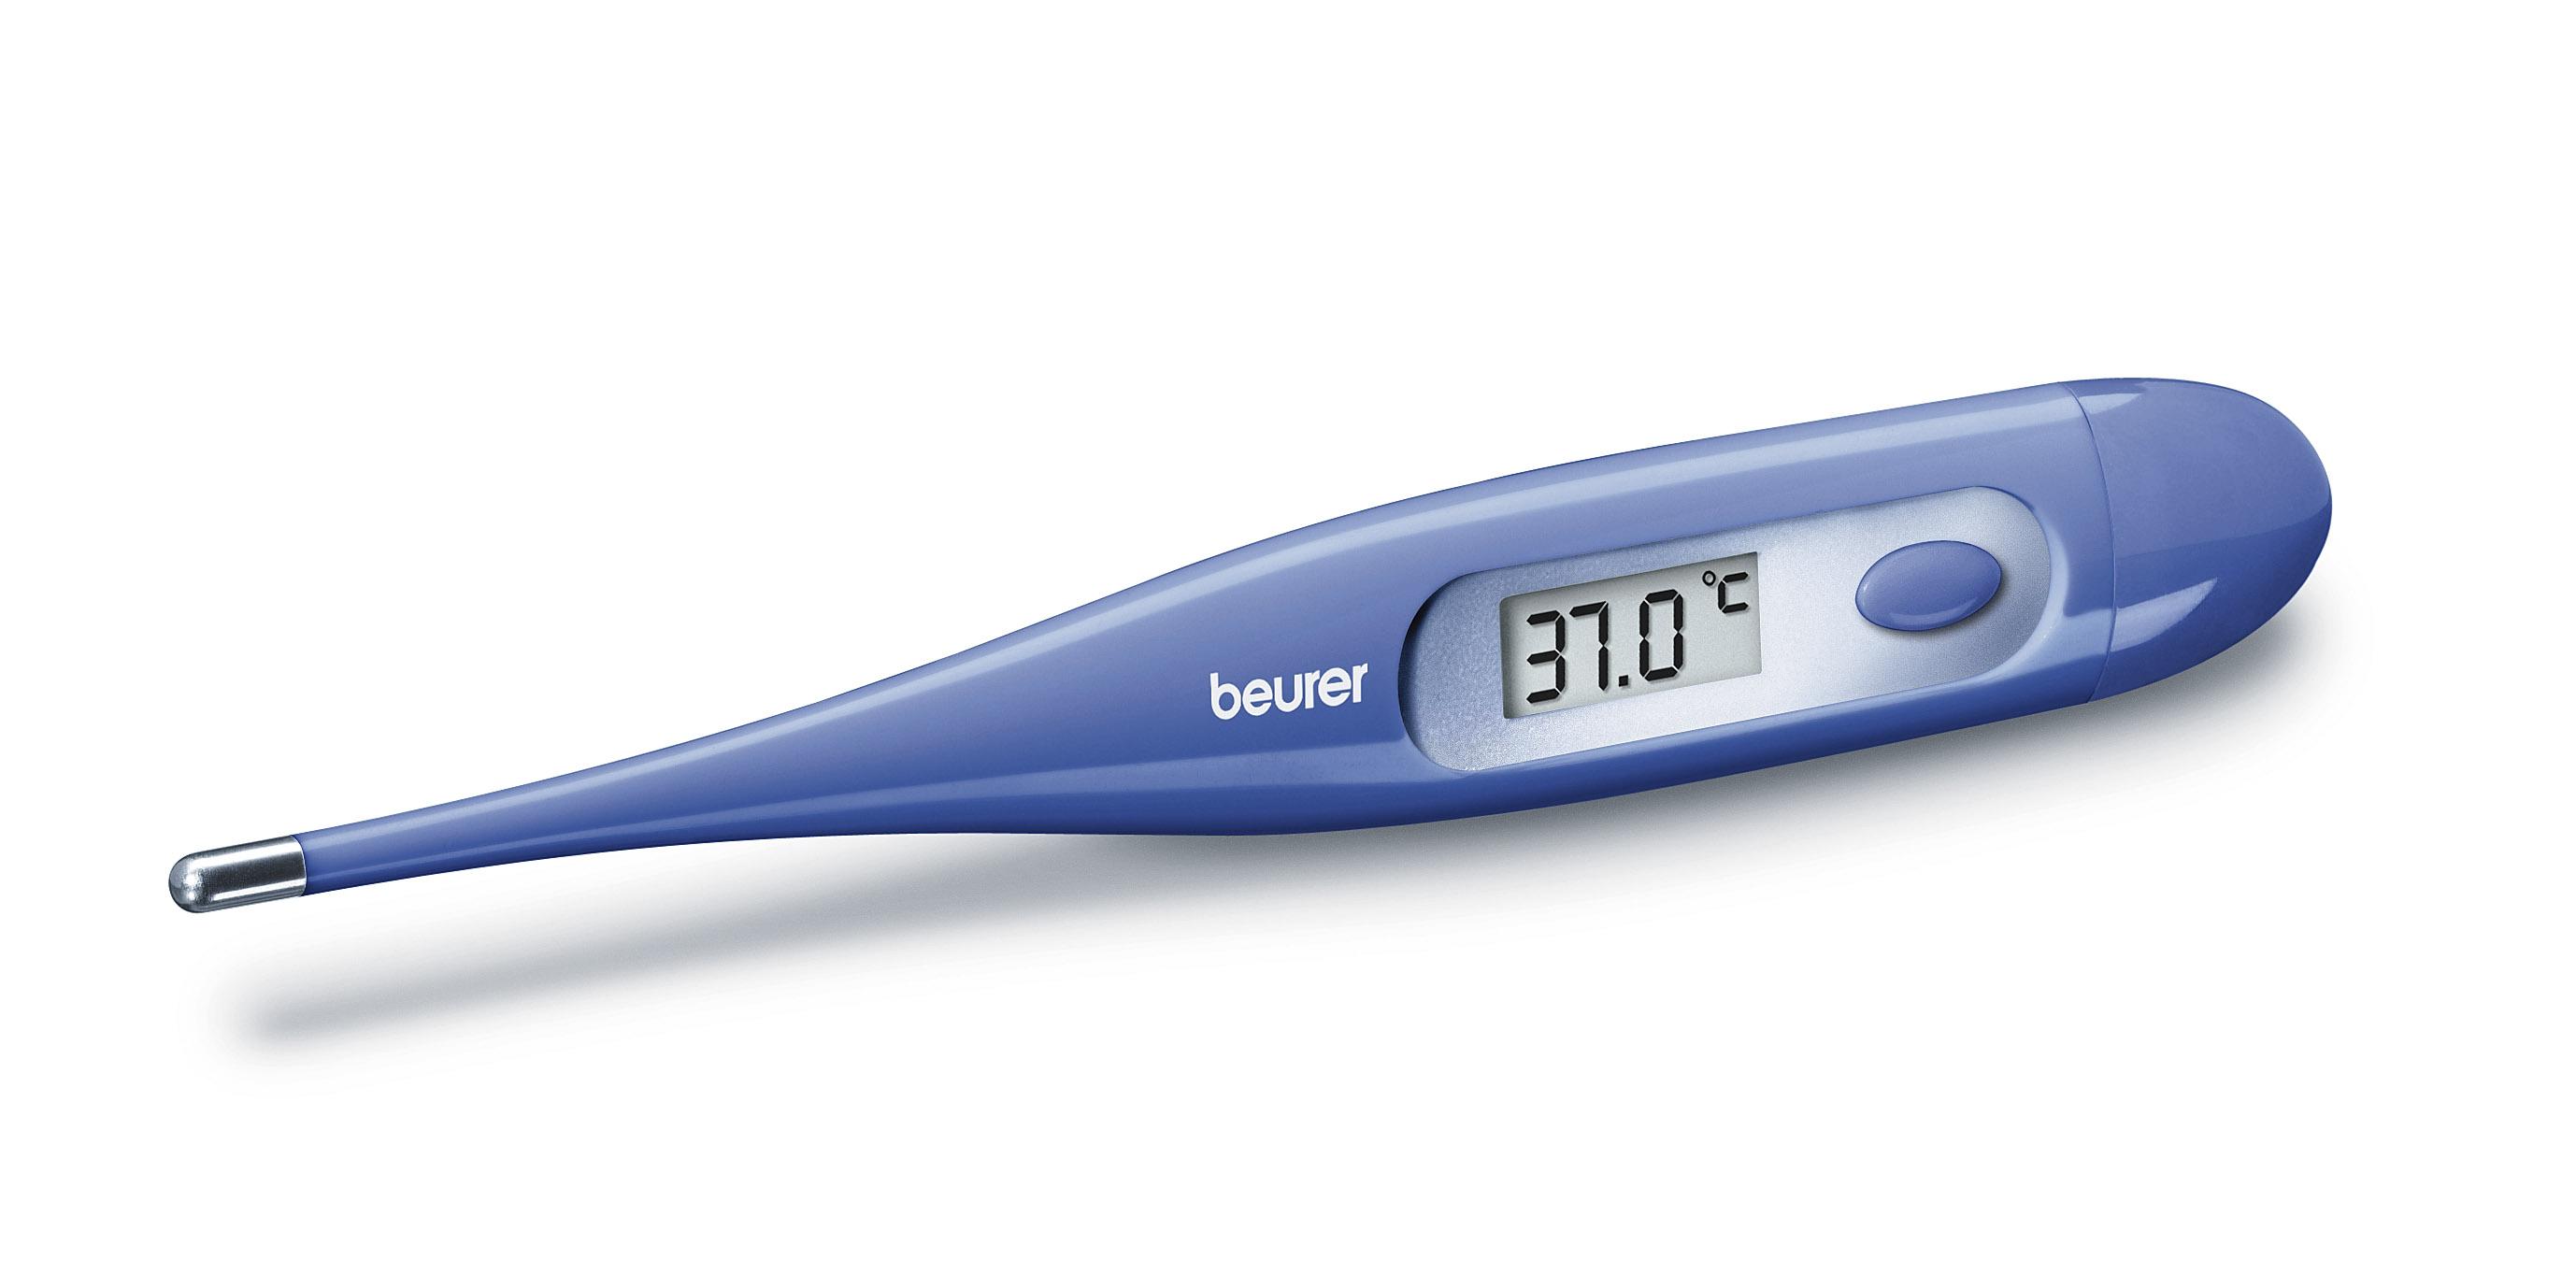 Beurer Digital Fever Oral Thermometer FT09 Blue Medicinal